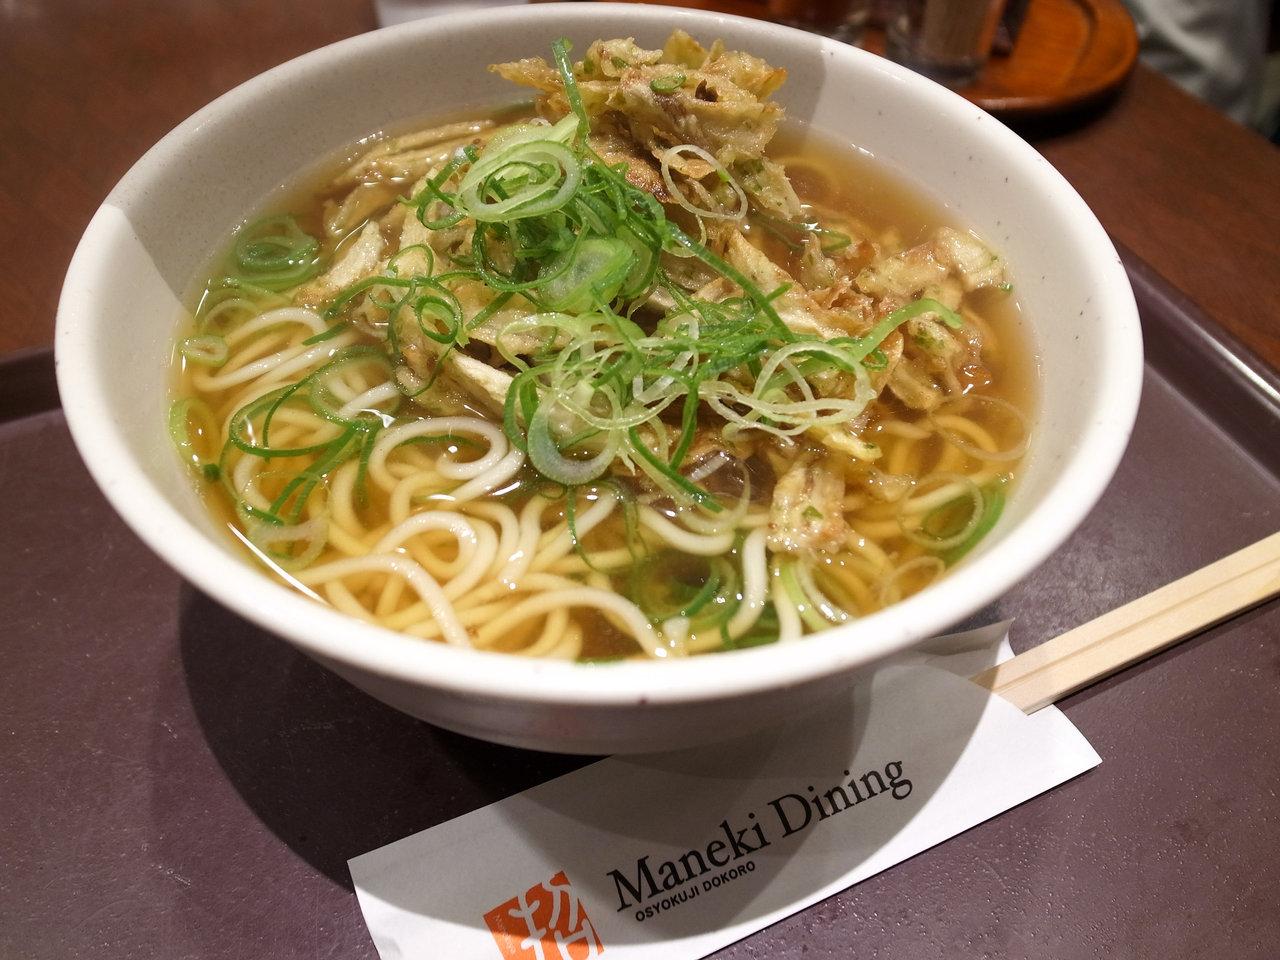 そばつゆにストレート麺!?姫路駅の「えきそば」がB級でたまらない